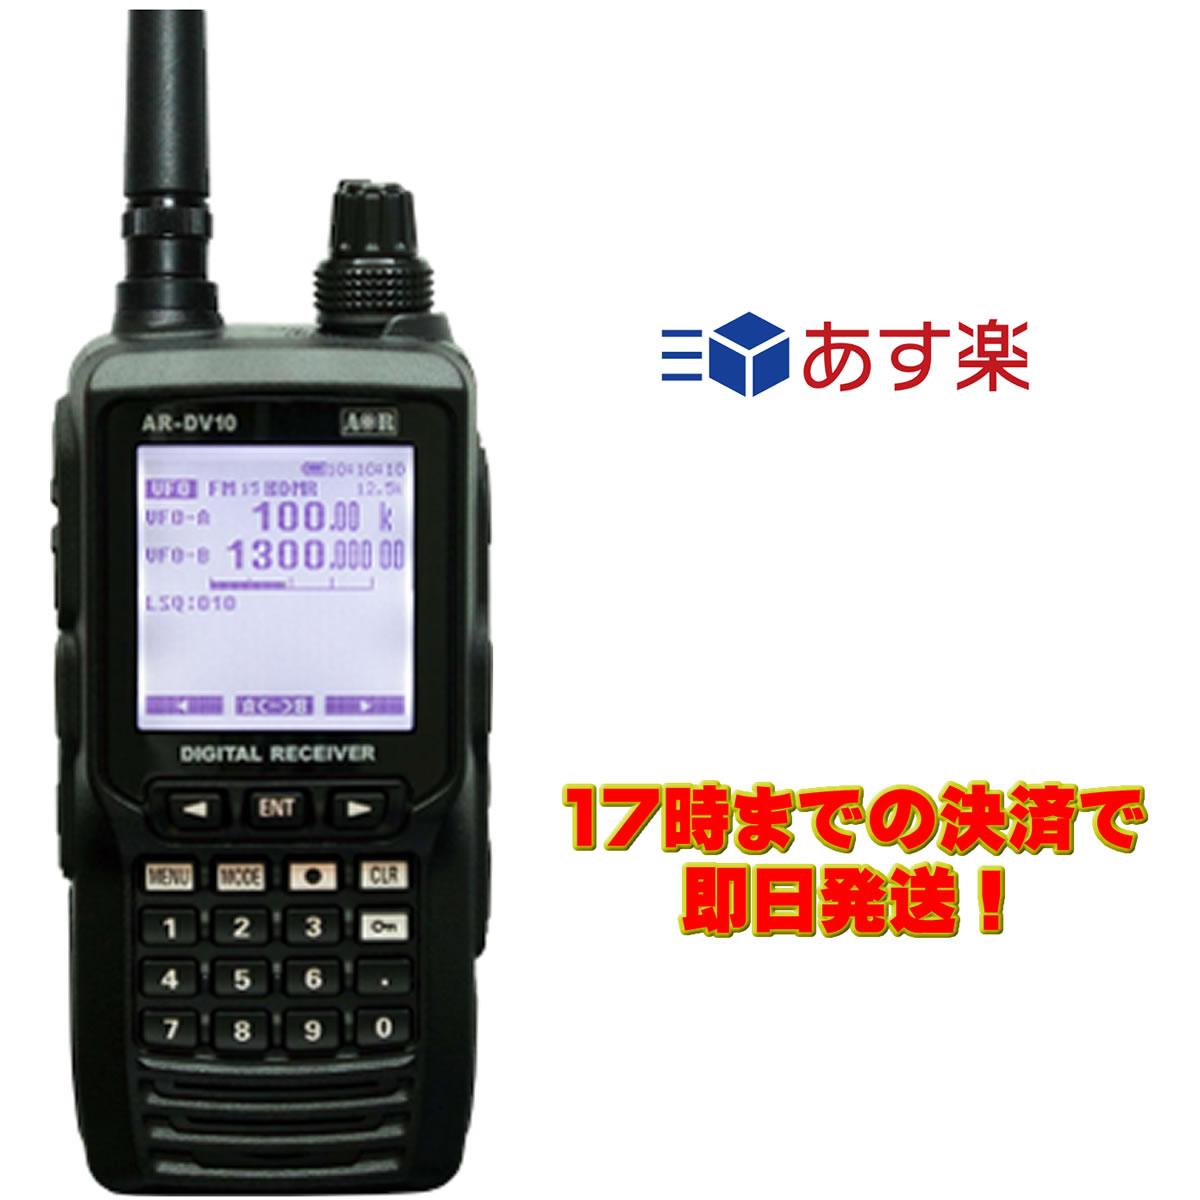 【ラッキーシール対応】 AR-DV10 エーオーアール デジタル・レシーバー SDRデジタル受信機